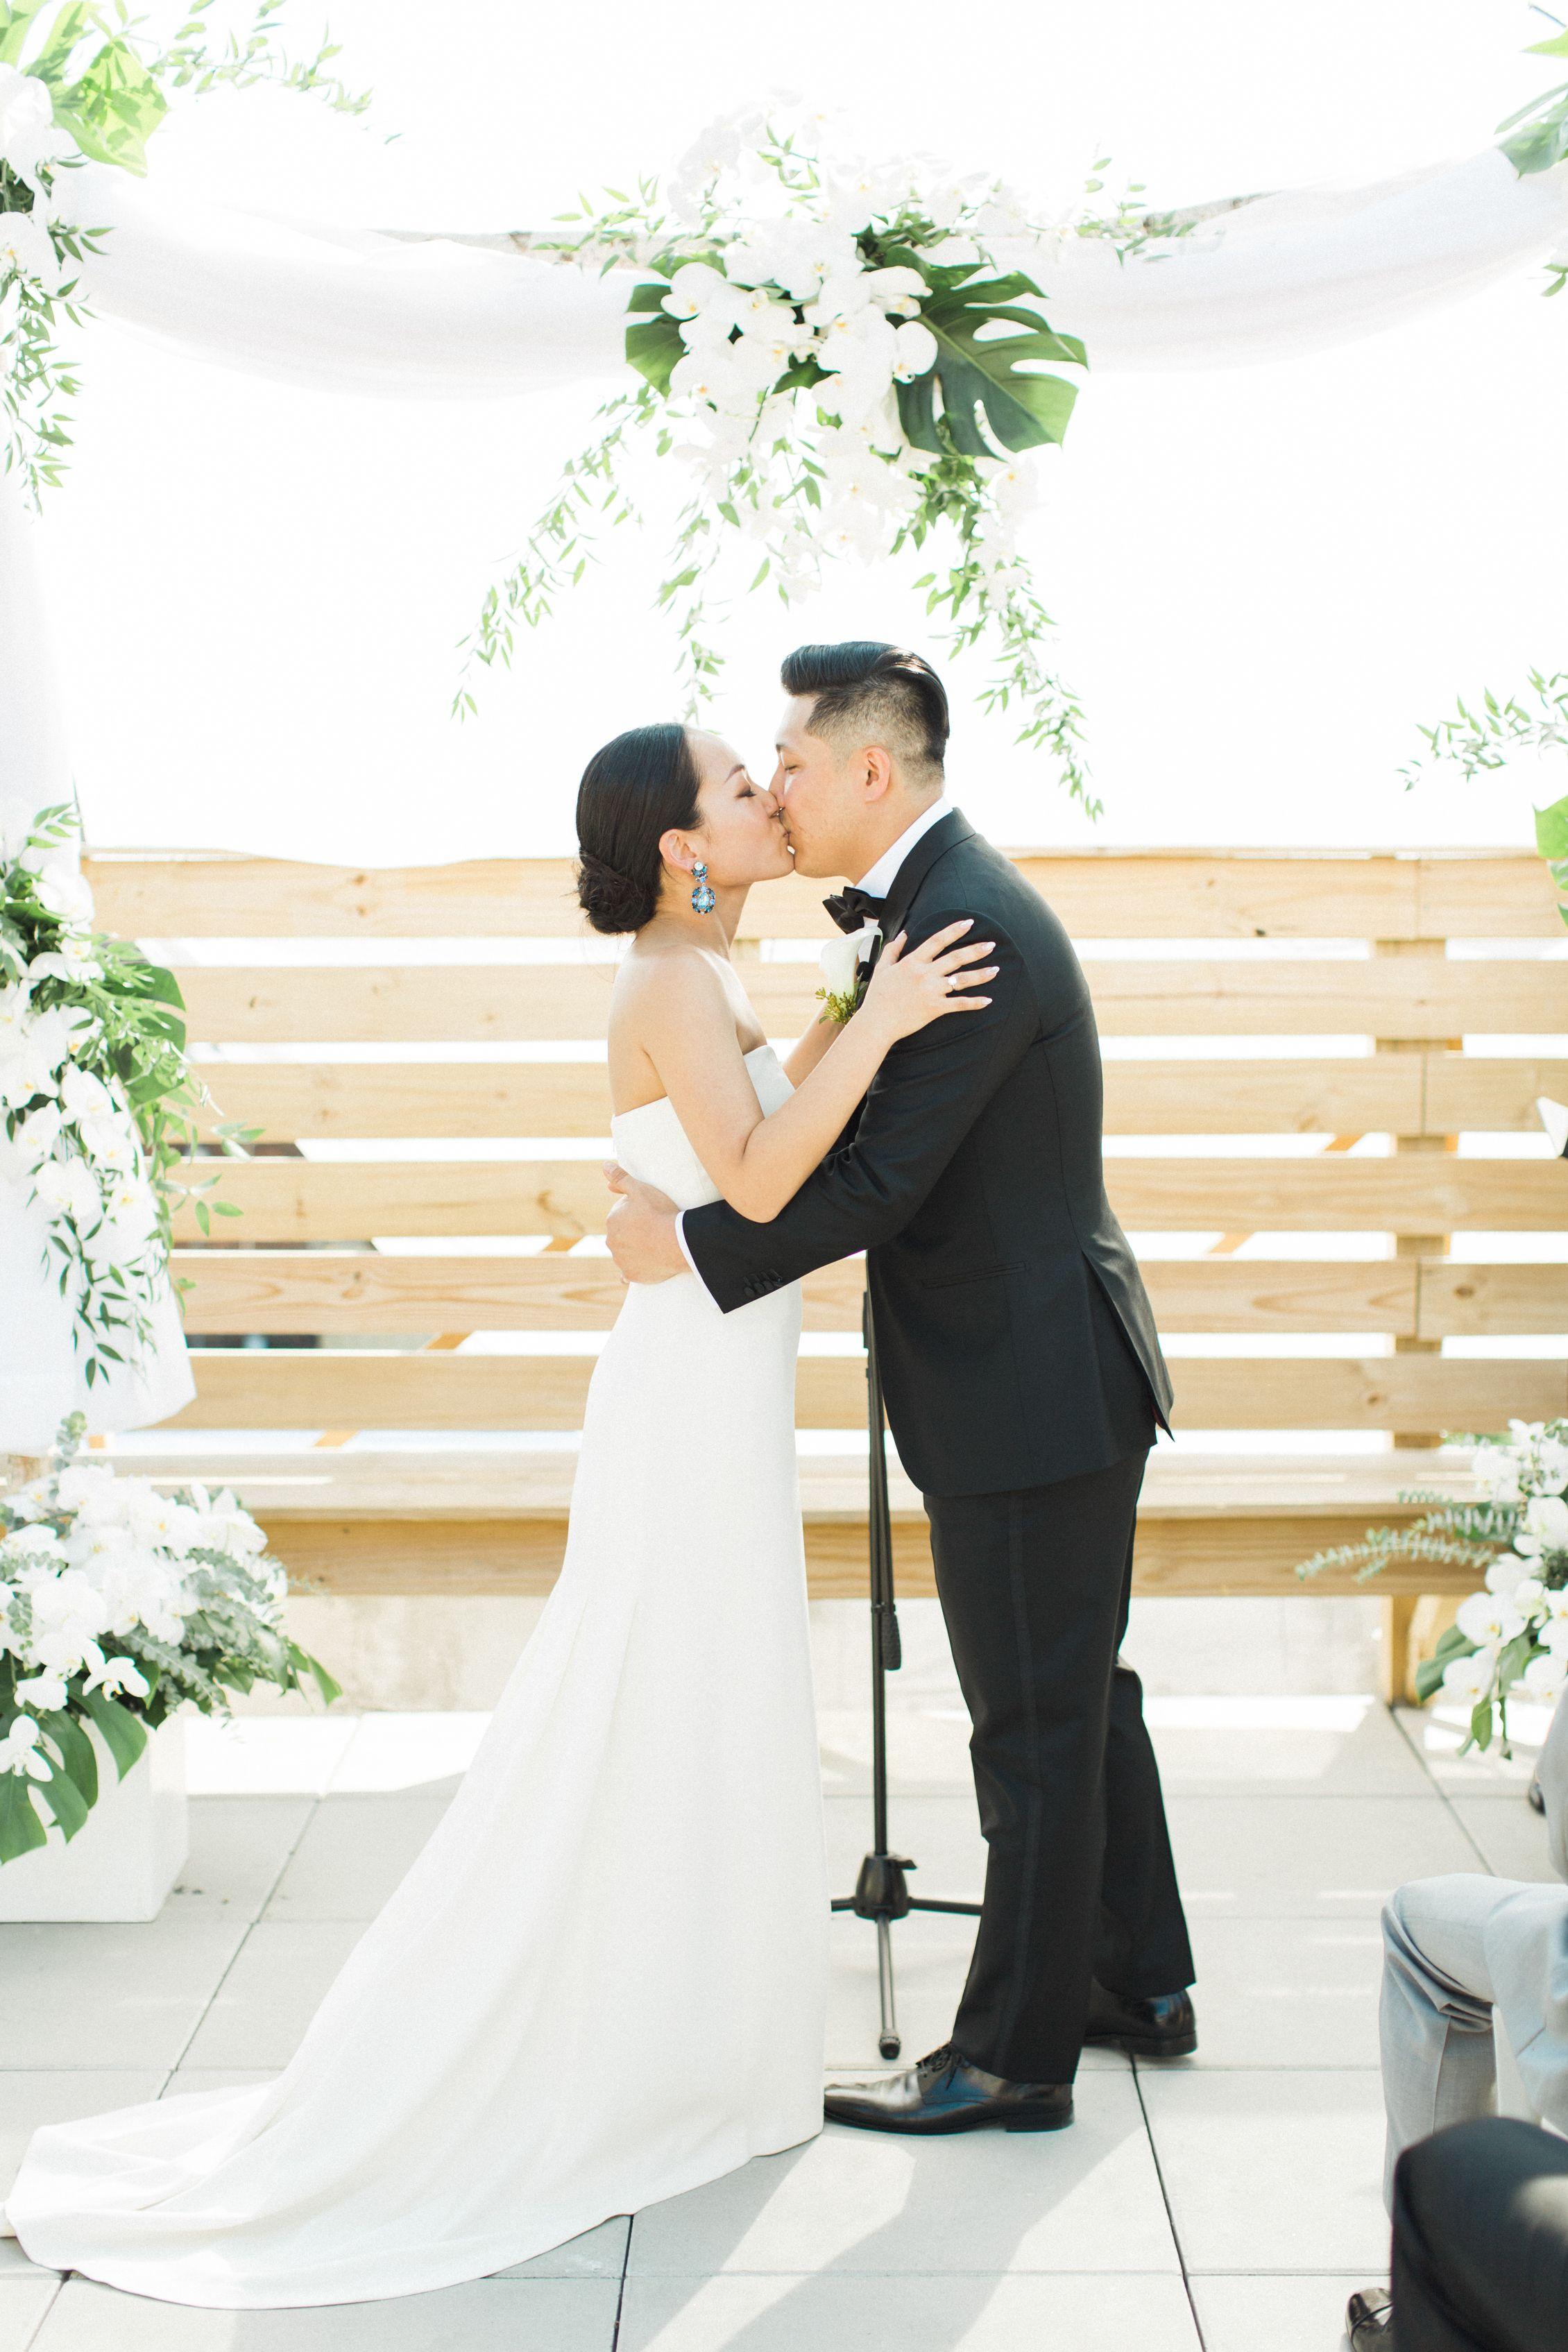 Wedding dresses brooklyn  DOBBIN ST WEDDING IN BROOKLYN NY  bashful captures